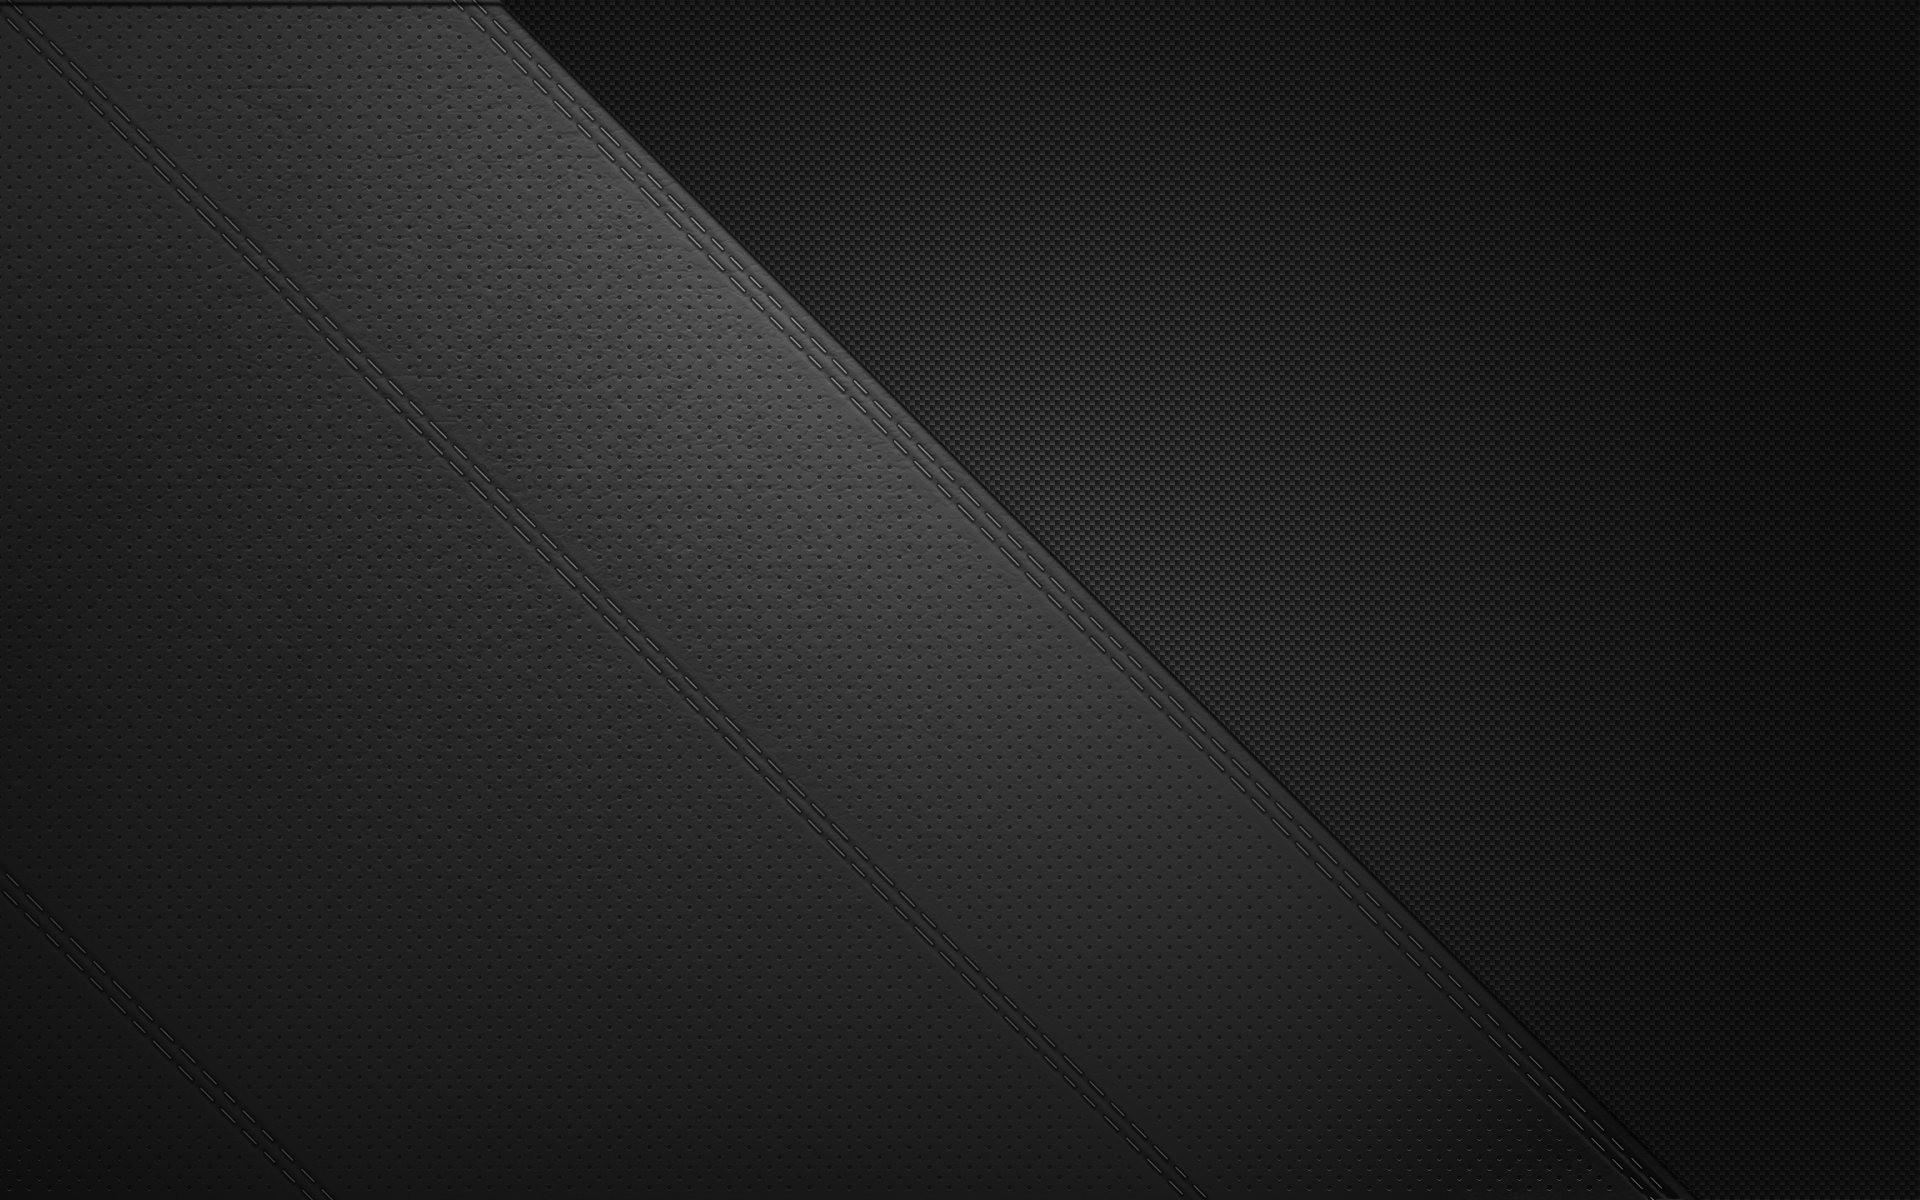 Carbon Fiber wallpaper – 1125338